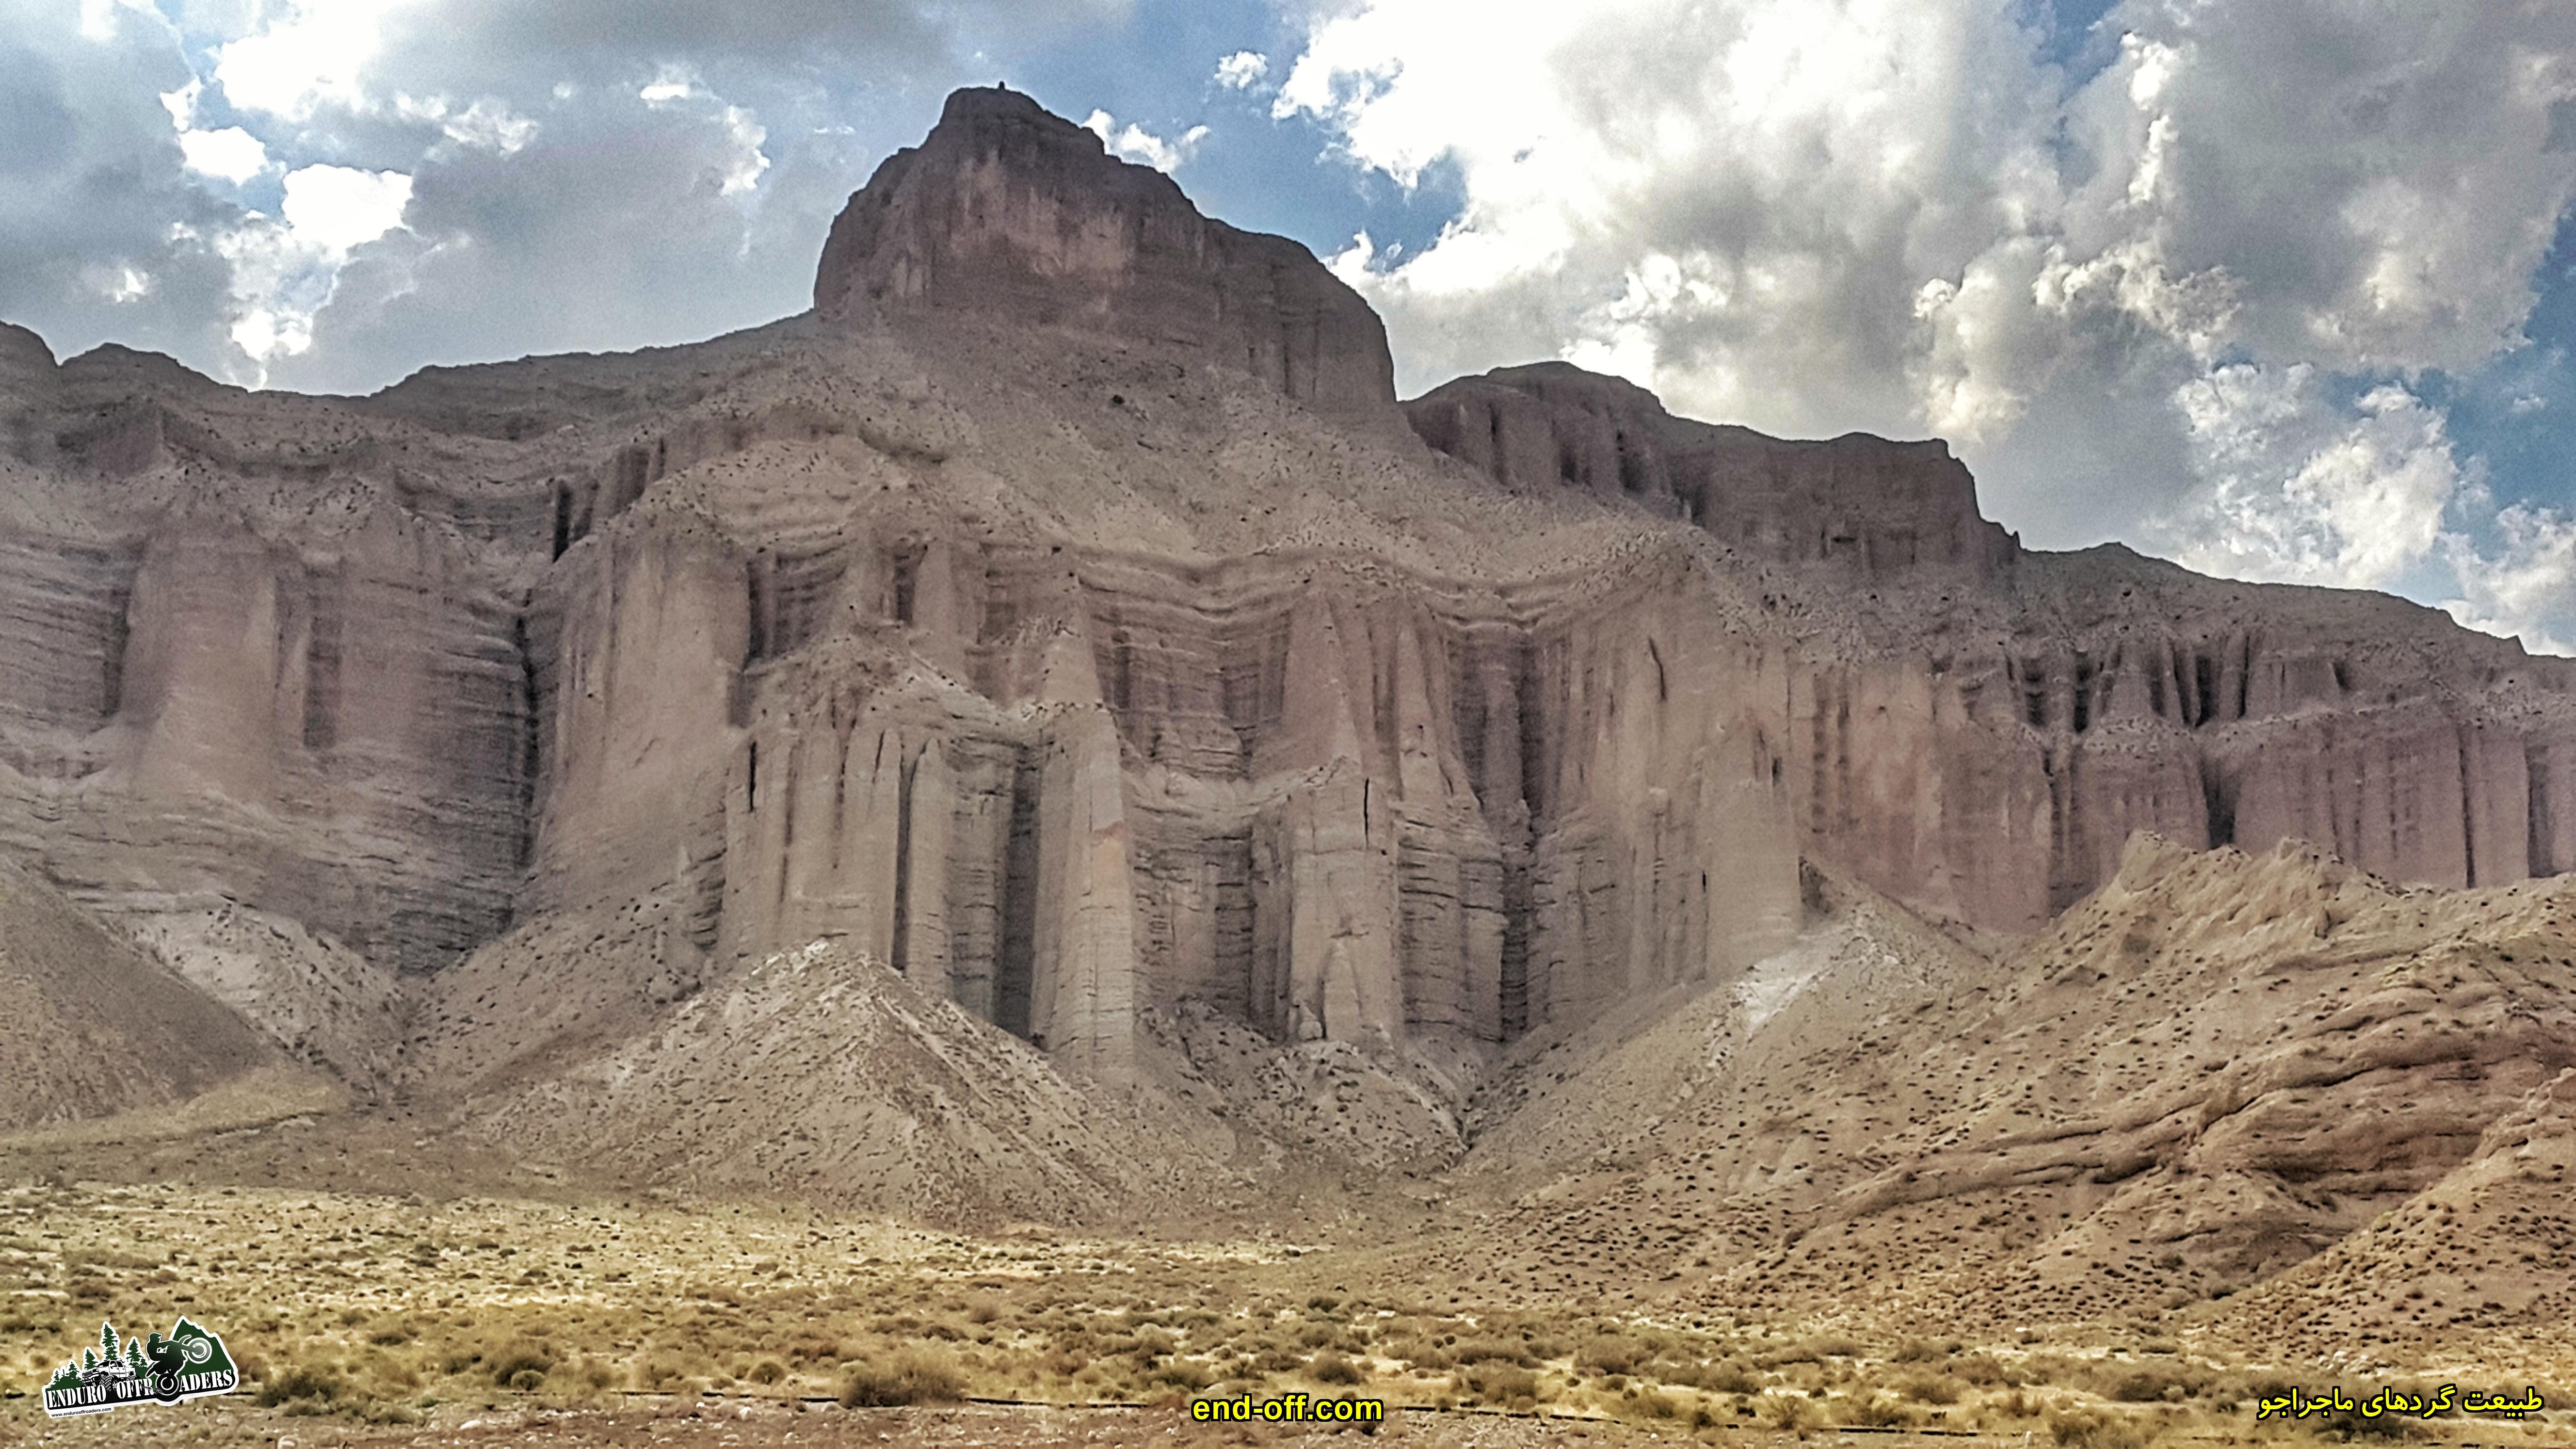 کوههای جالب در مسیر دریاچه آهنک Ahanak - تابستان 1399 2020